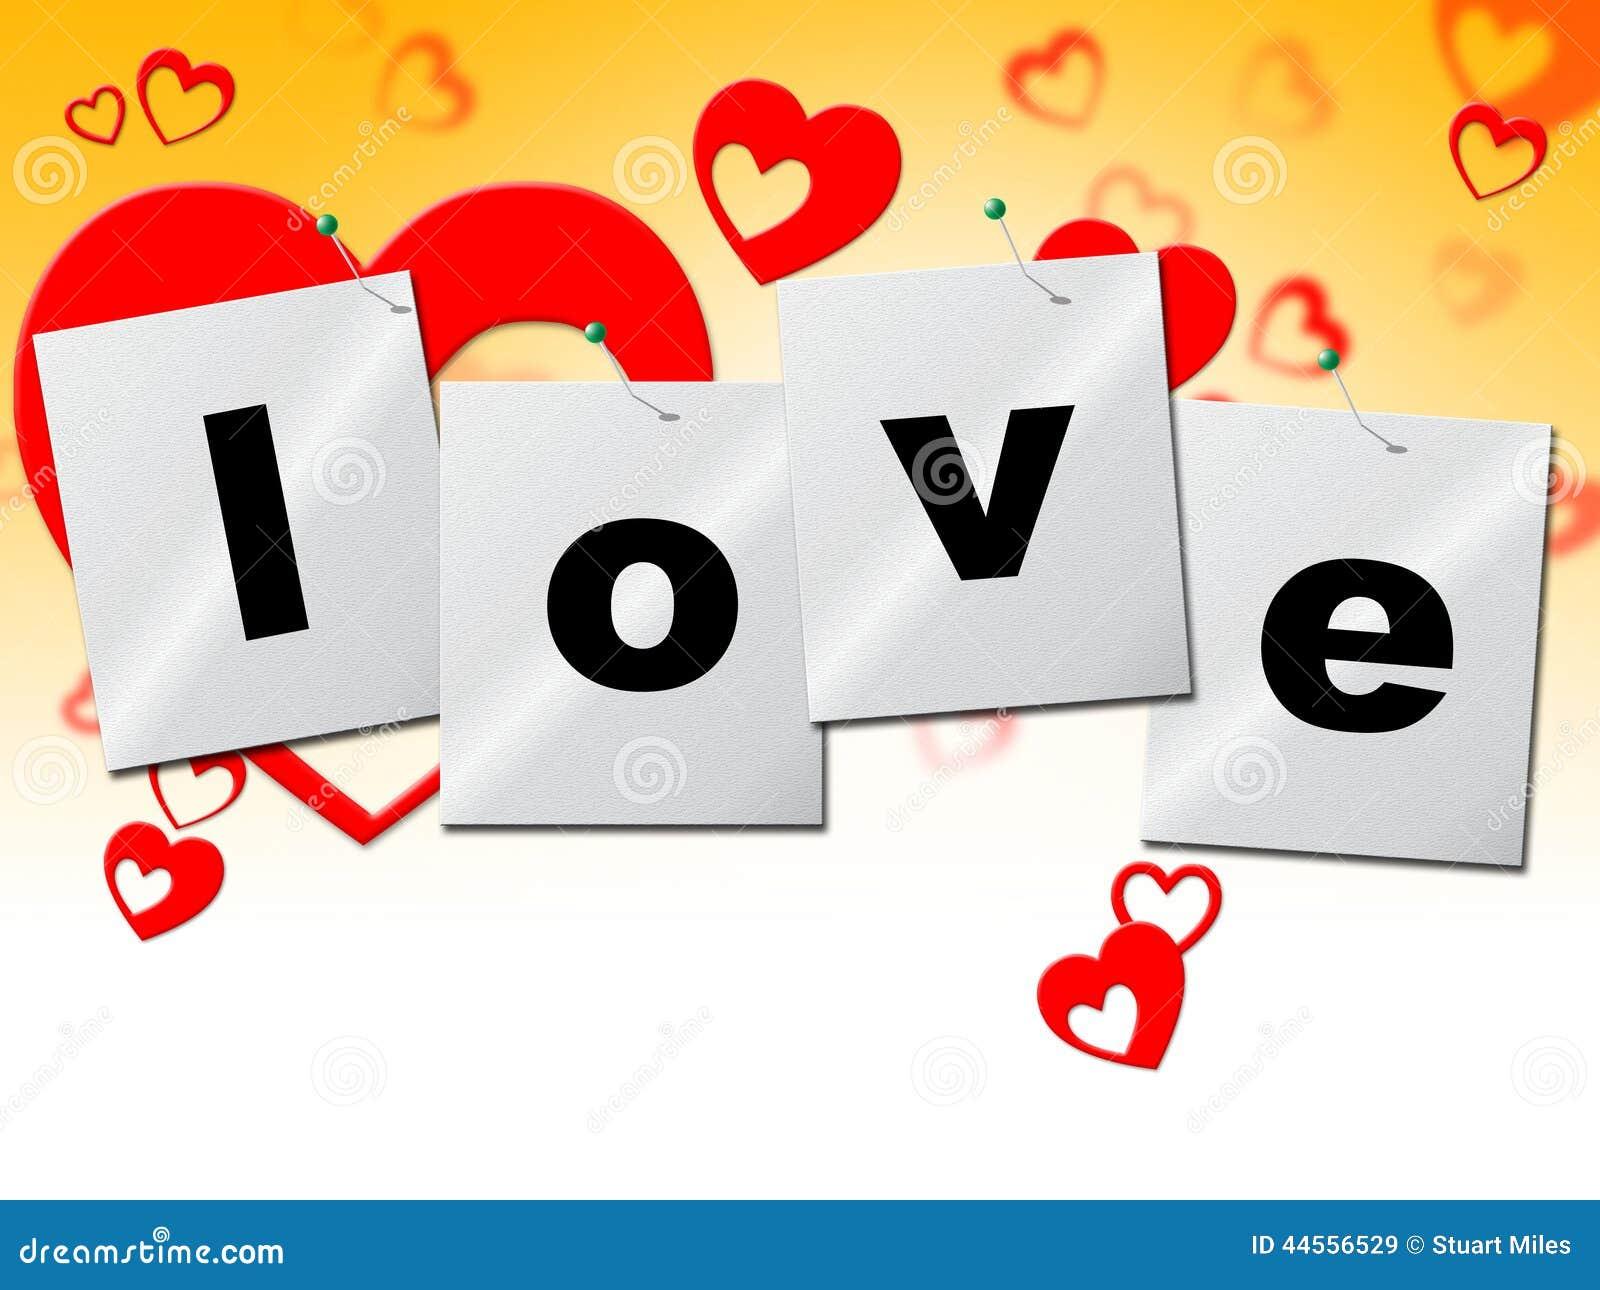 Unterschied zwischen Datierung und romantischer Beziehung